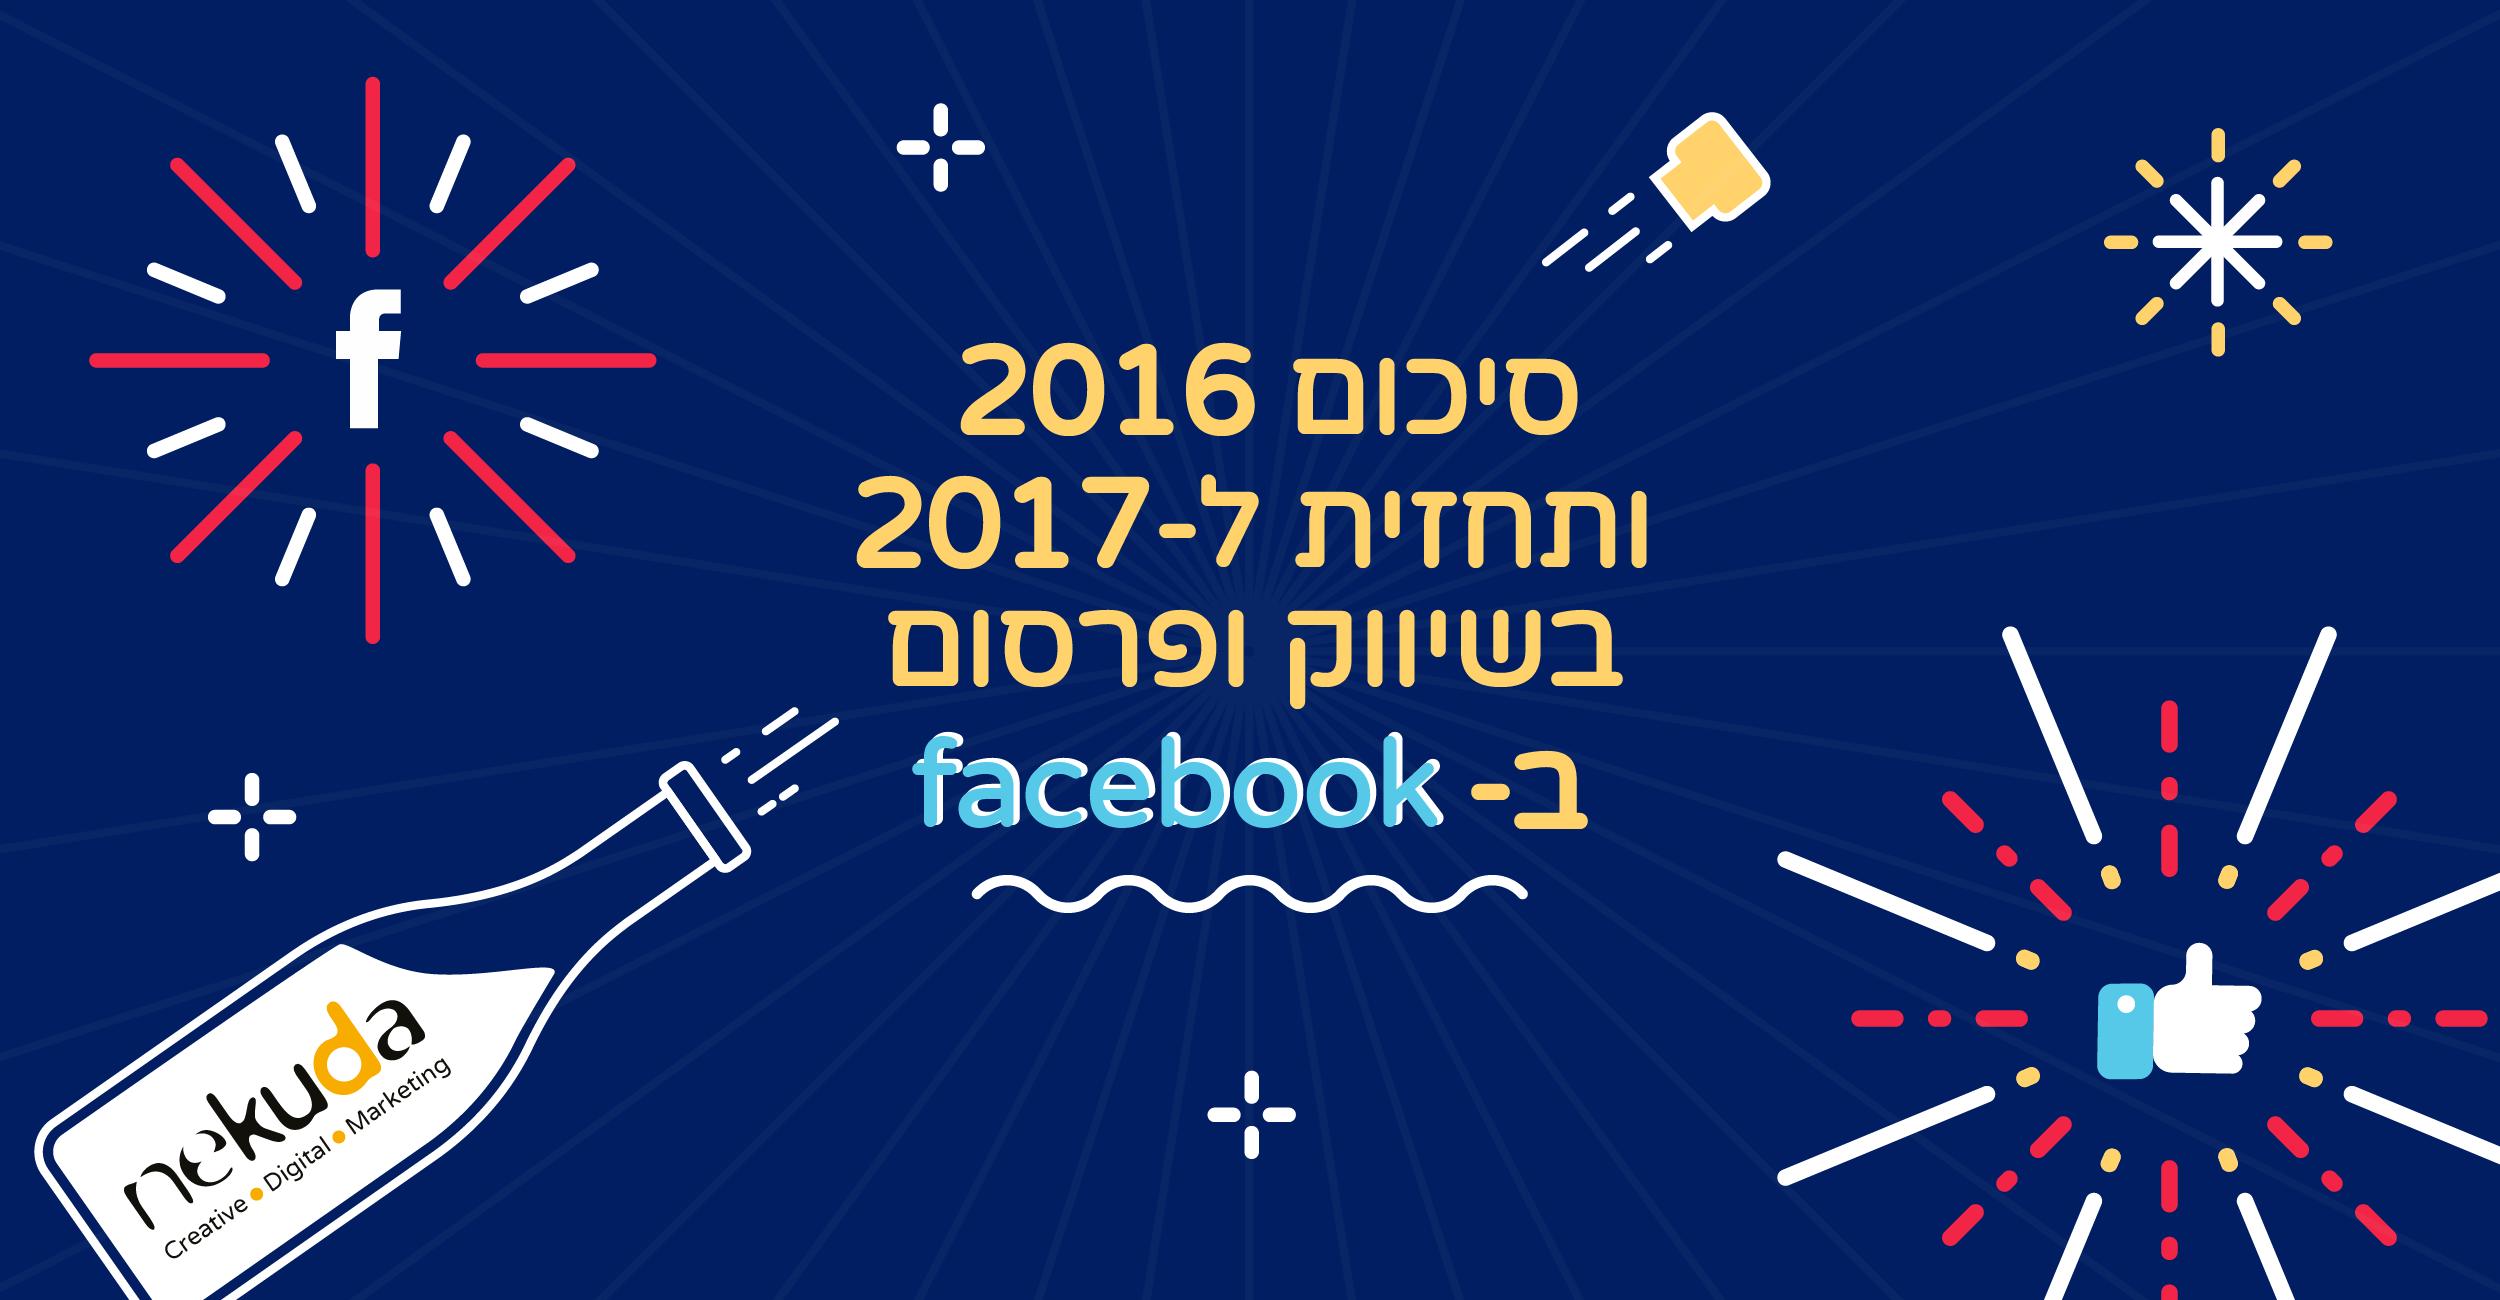 פייסבוק 2017